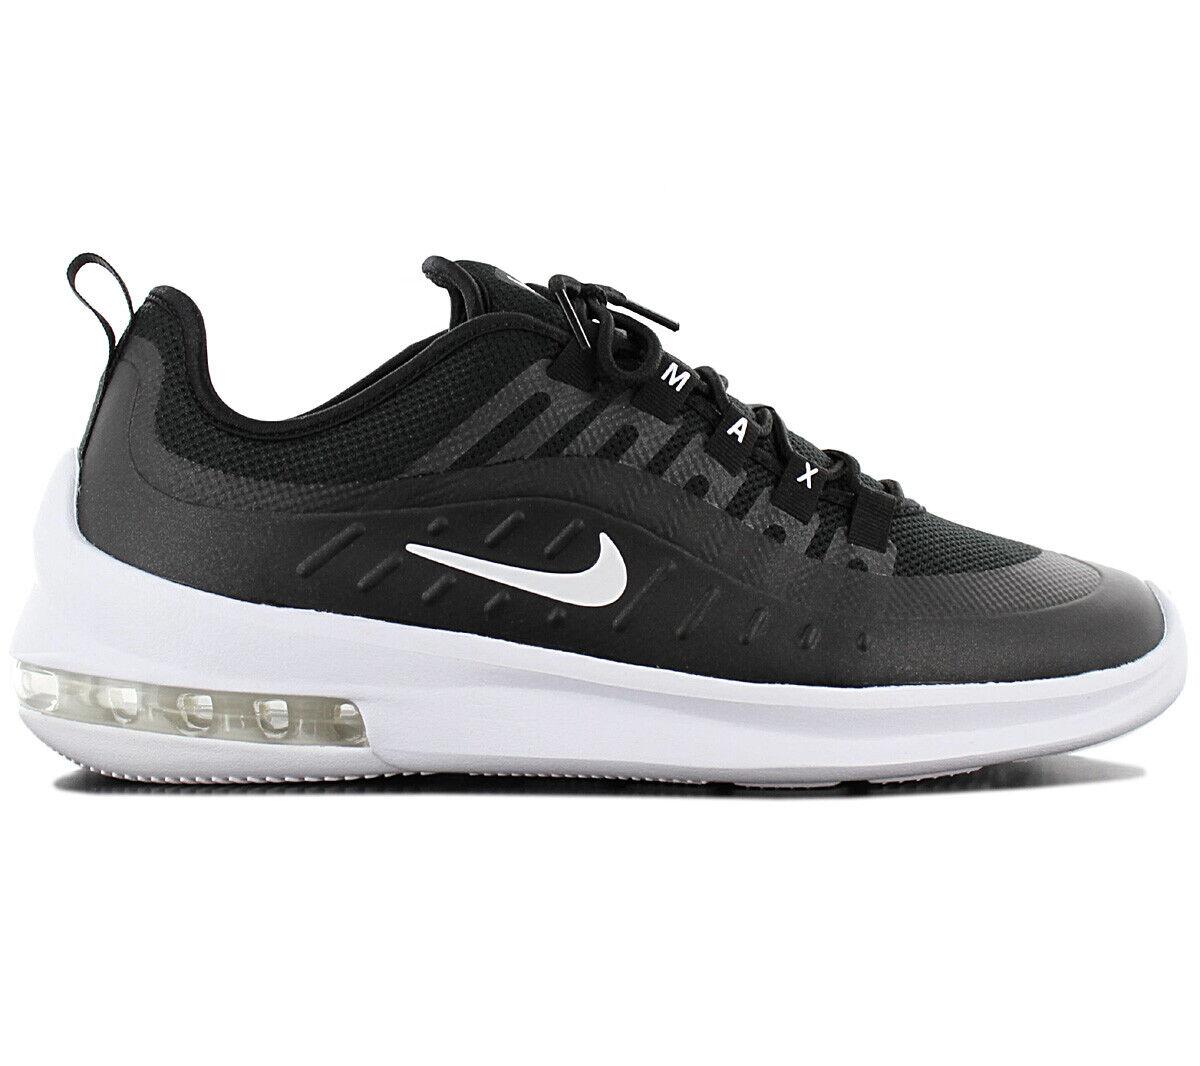 Calzado zapatillas de deporte de los zapatos zapatillas AA2146-003 negro Nike Air Max eje hombres